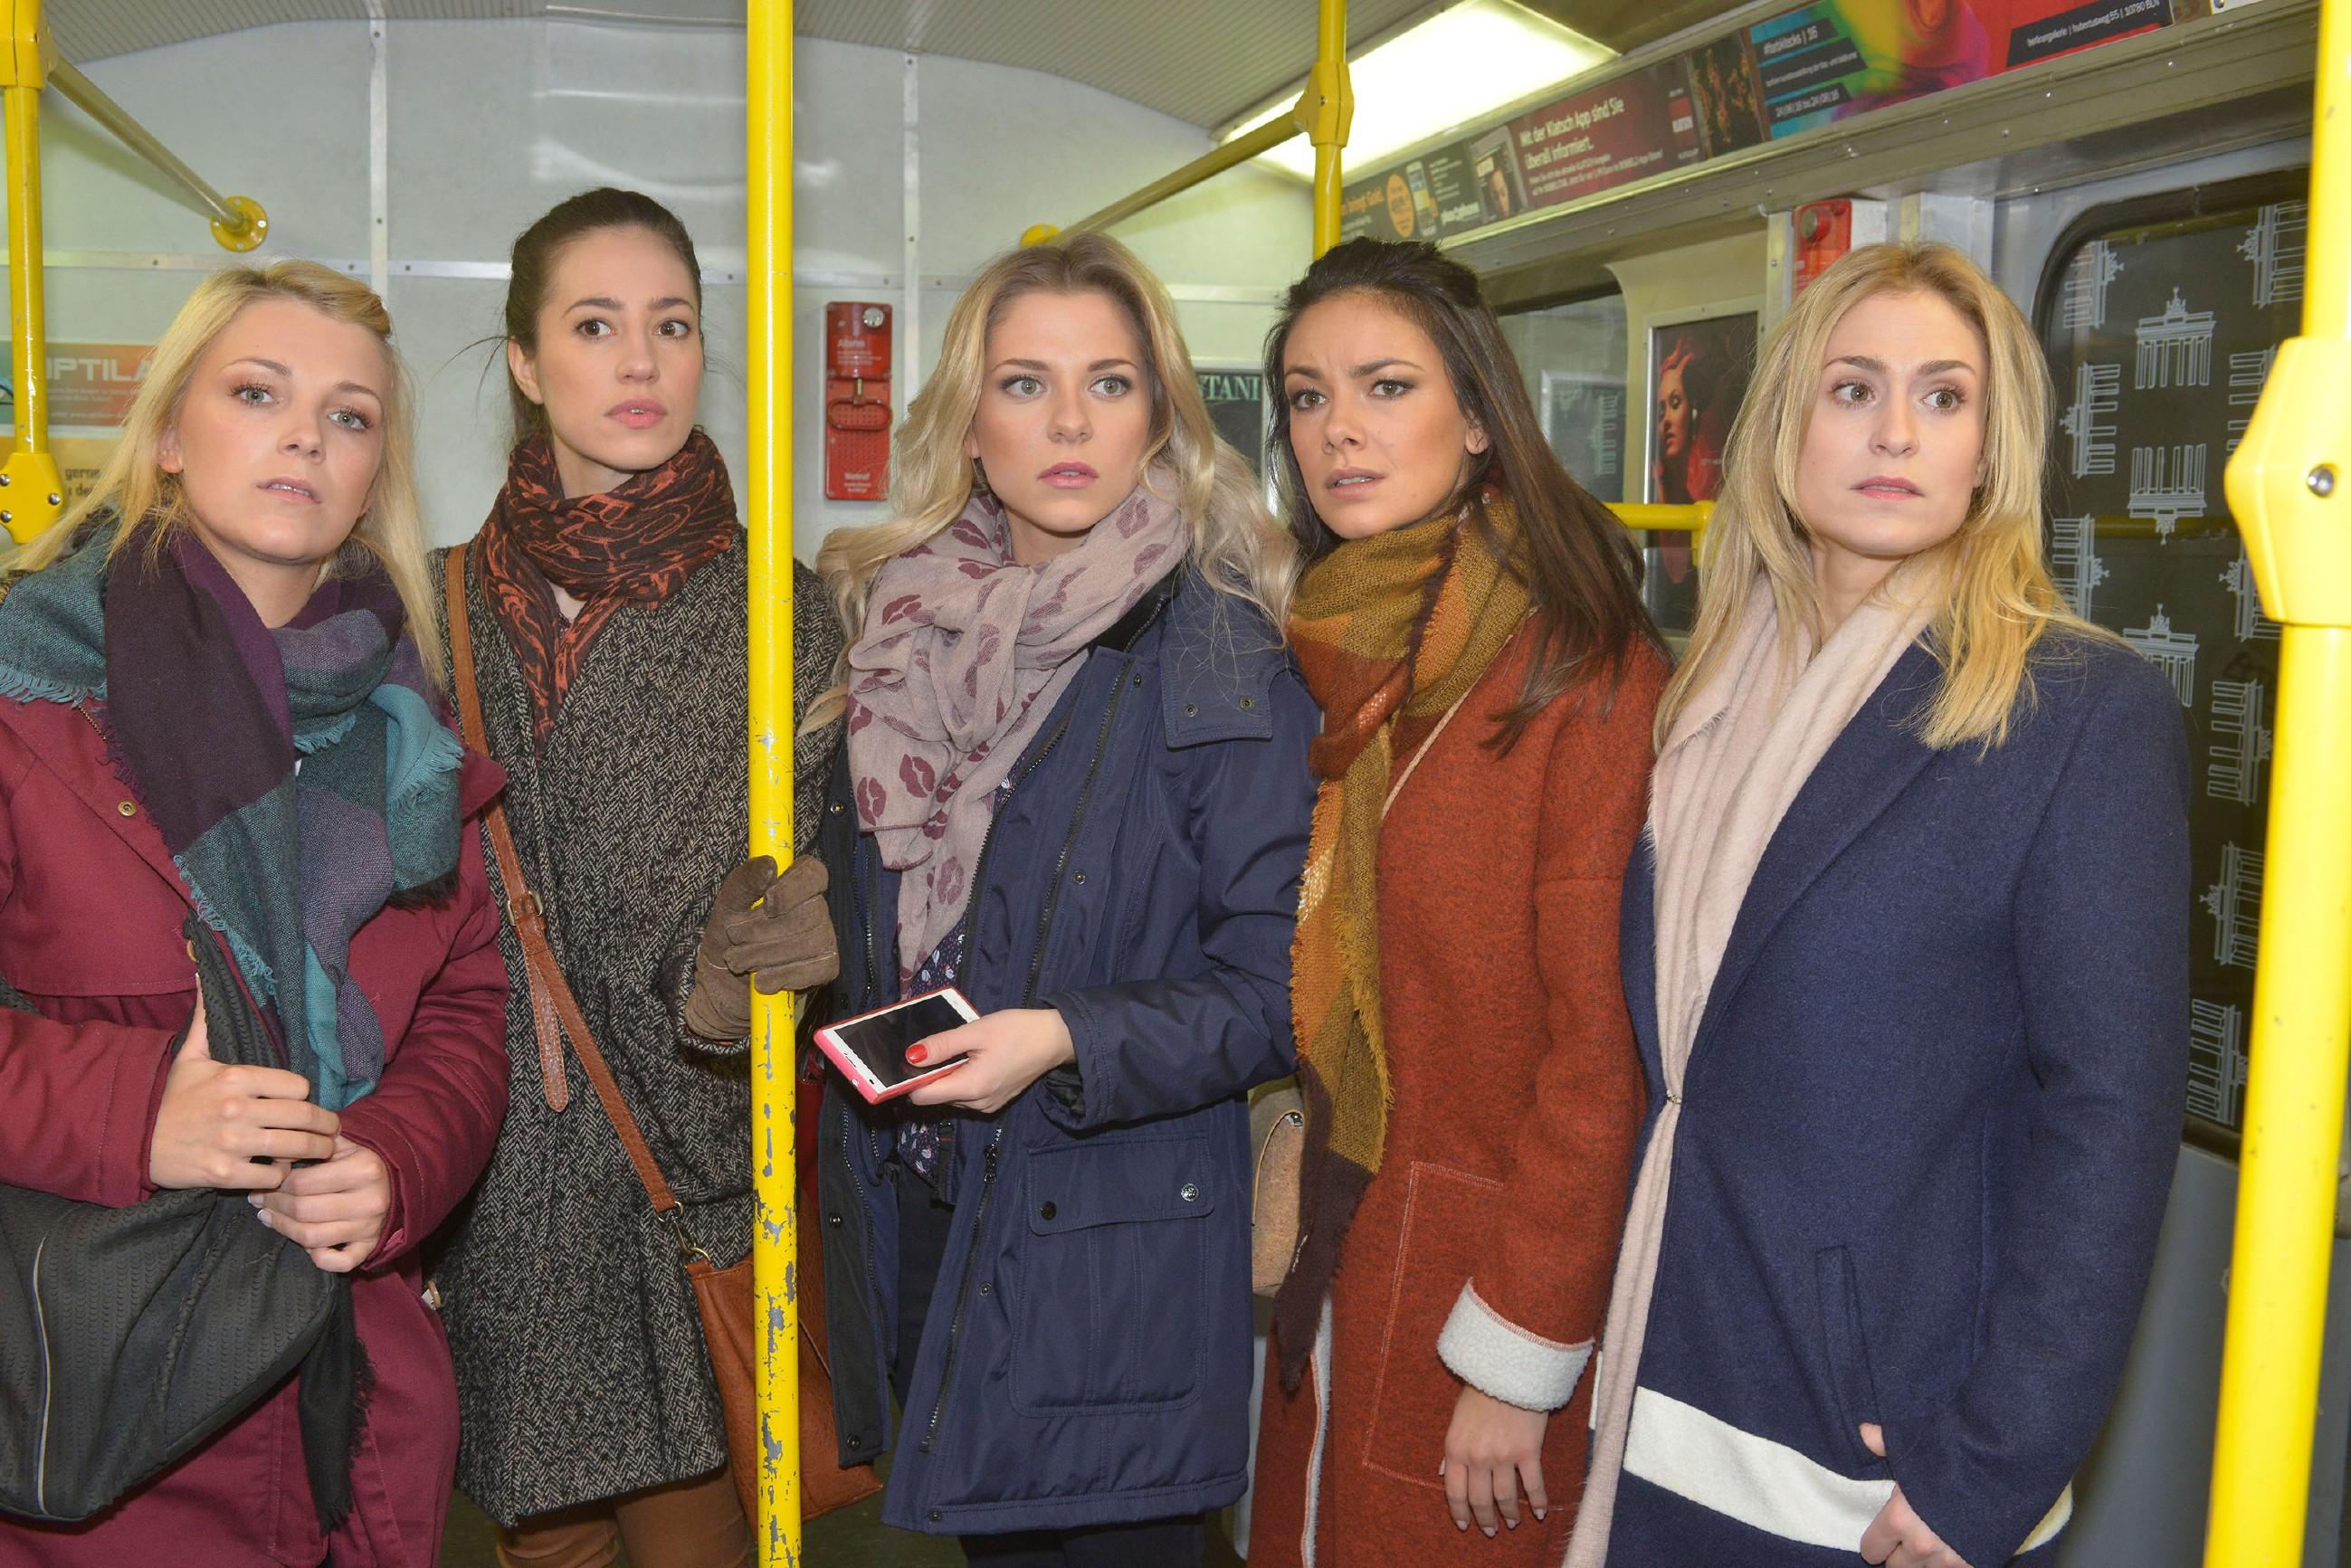 Lilly (Iris Mareike Steen, l.), Elena (Elena Garcia Gerlach, 2.v.l.), Jasmin (Janina Uhse, 2.v.r.) und Sophie (Lea Marlen Woitack, r.) können nicht fassen, dass Sunnys (Valentina Pahde) Verlobungsring geklaut wurde. (Quelle: RTL / Rolf Baumgartner)